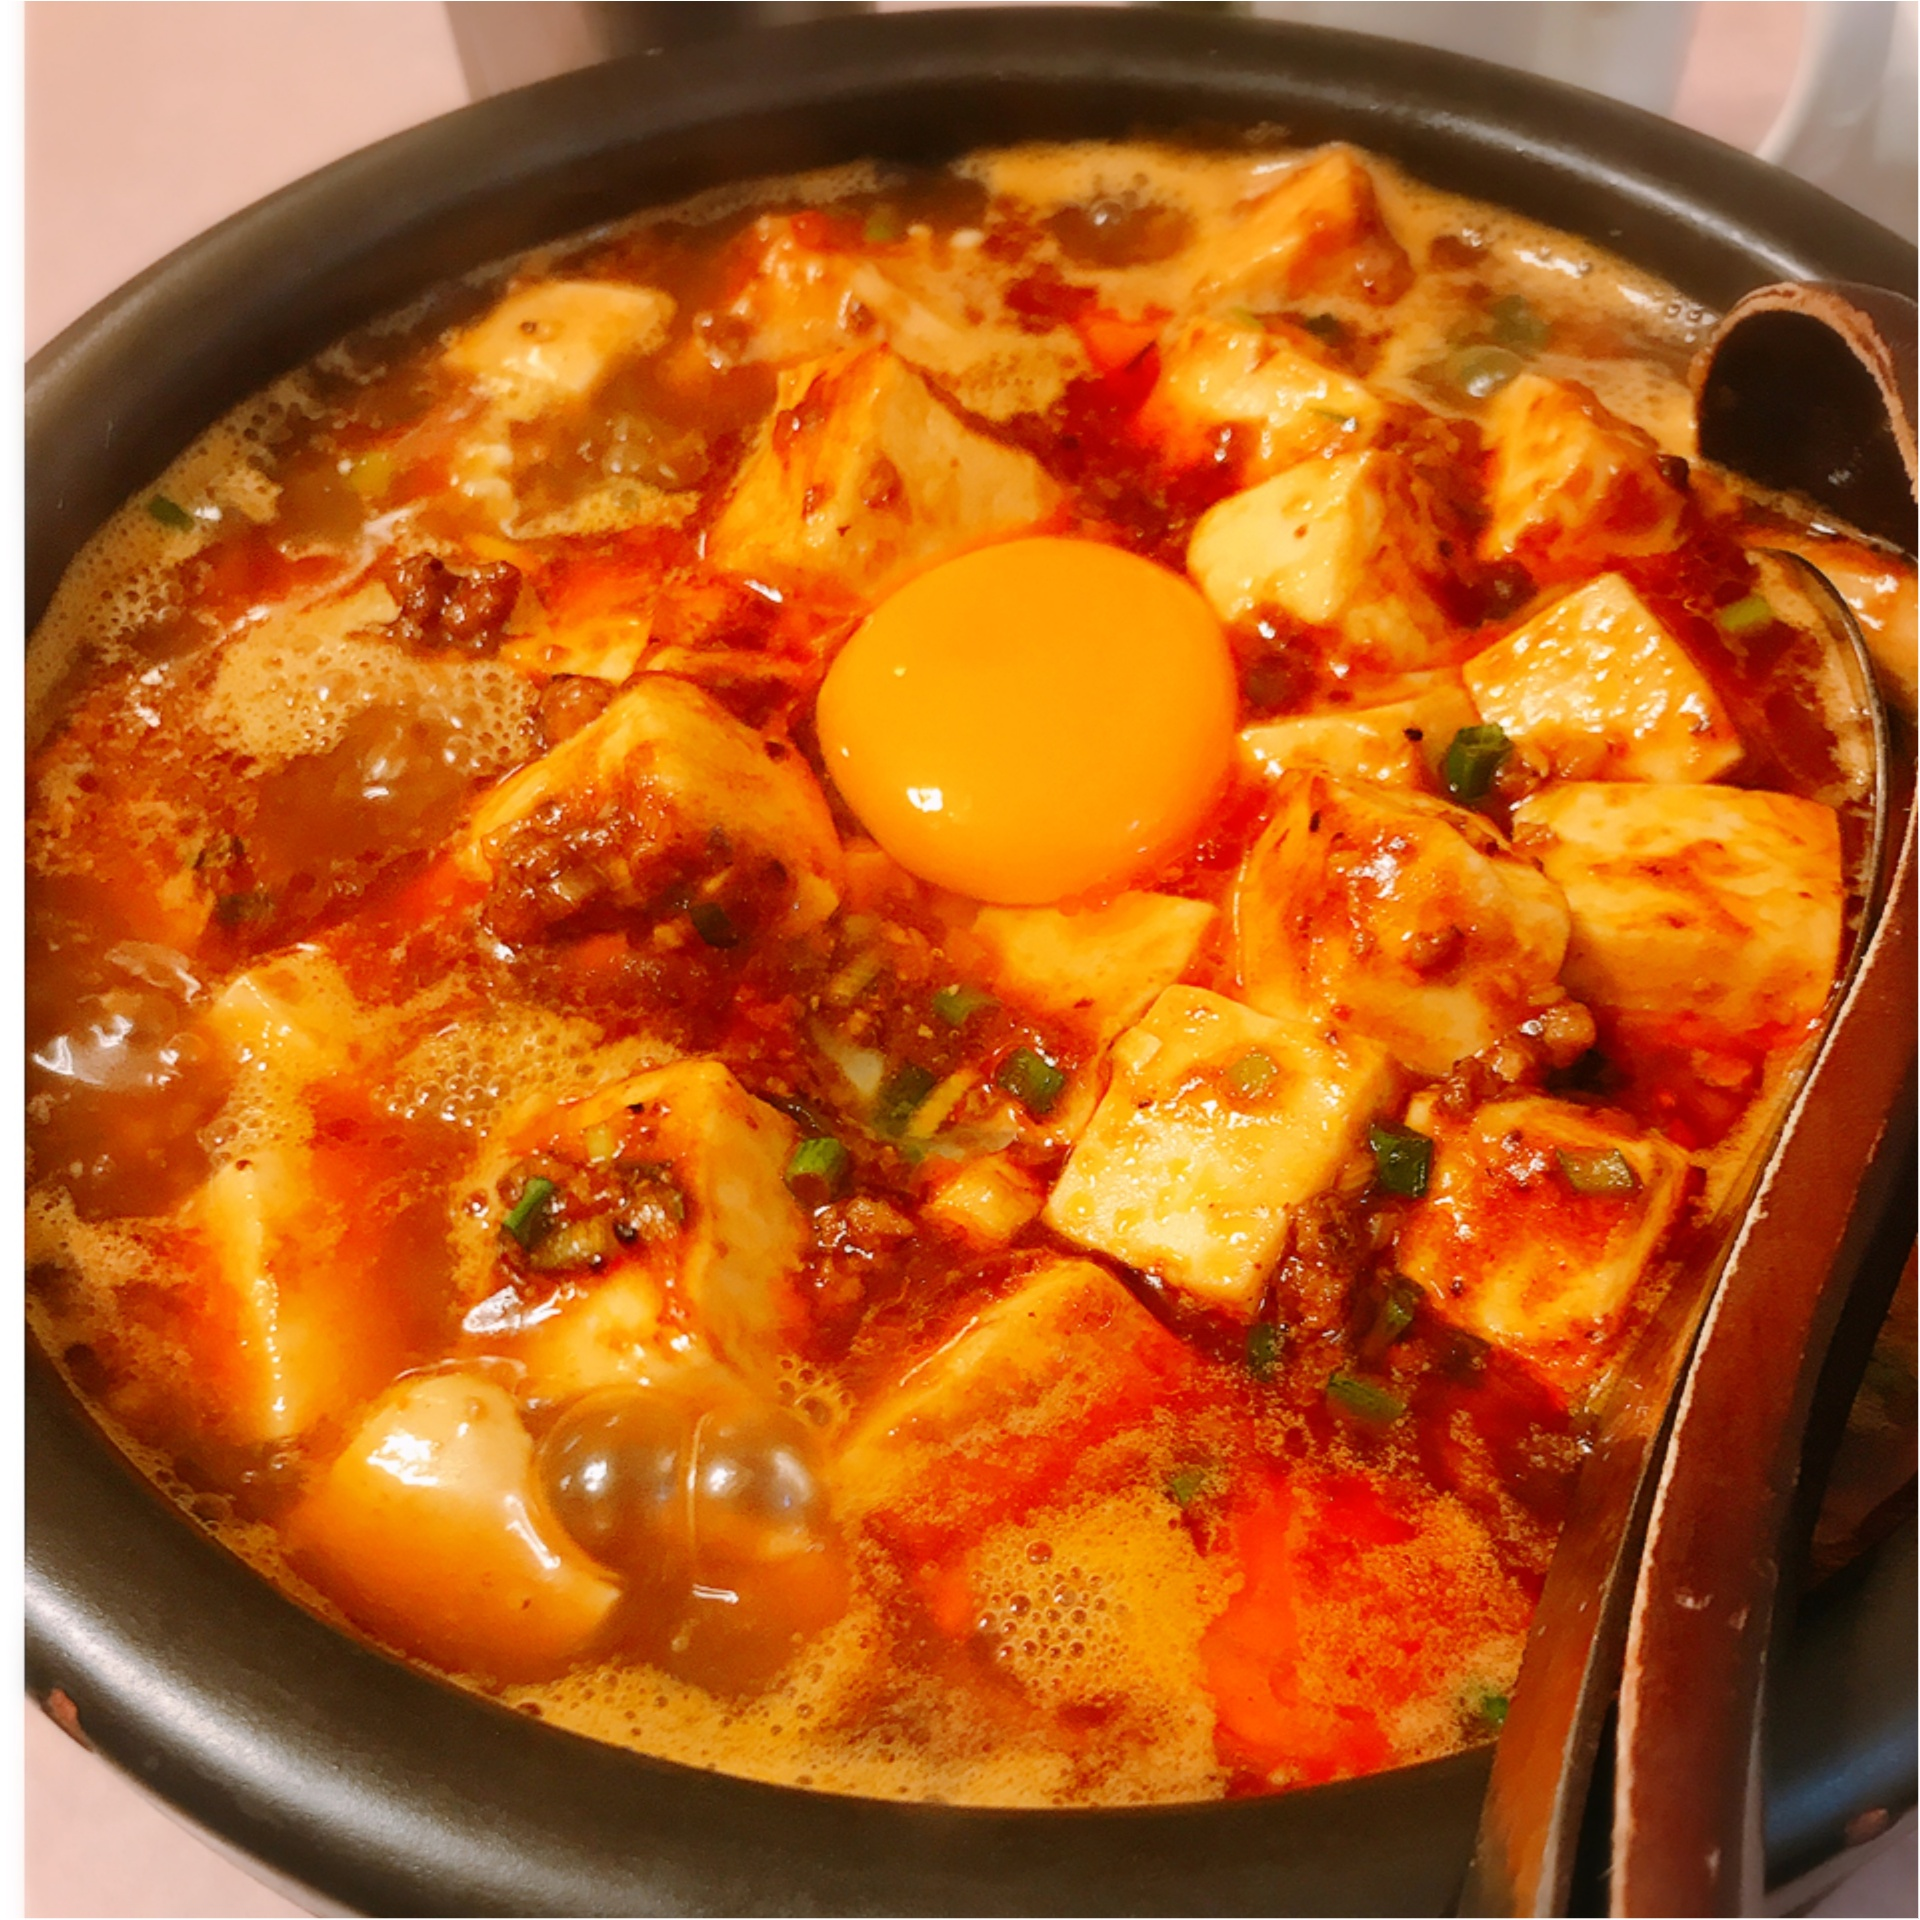 辛うま!!《源来酒家》の人気メニュー「麻婆麺」を食べてきました♡_2